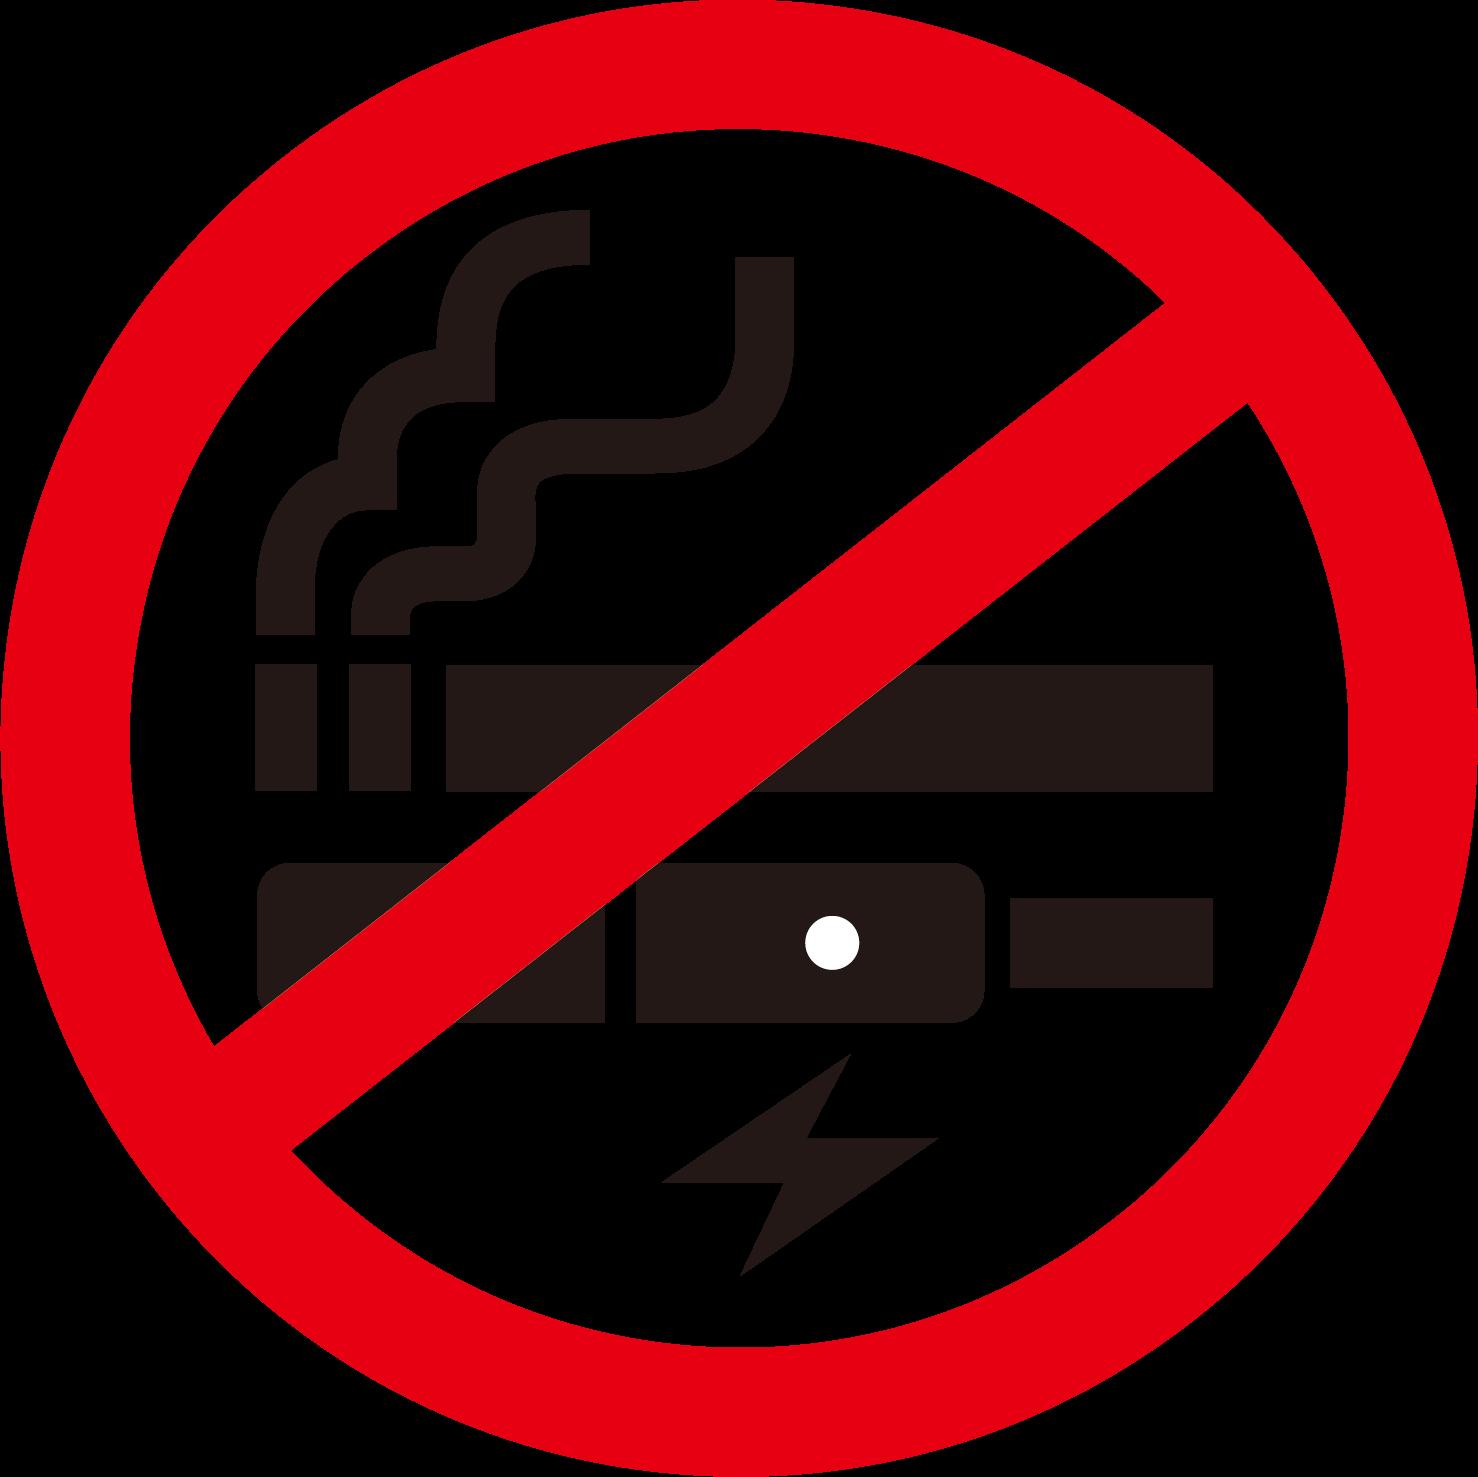 image.jsp - 【禁煙】禁煙ブームはWHOが無根拠に作り出した物であって、実際はタバコの害なんてほとんど無いんだよな